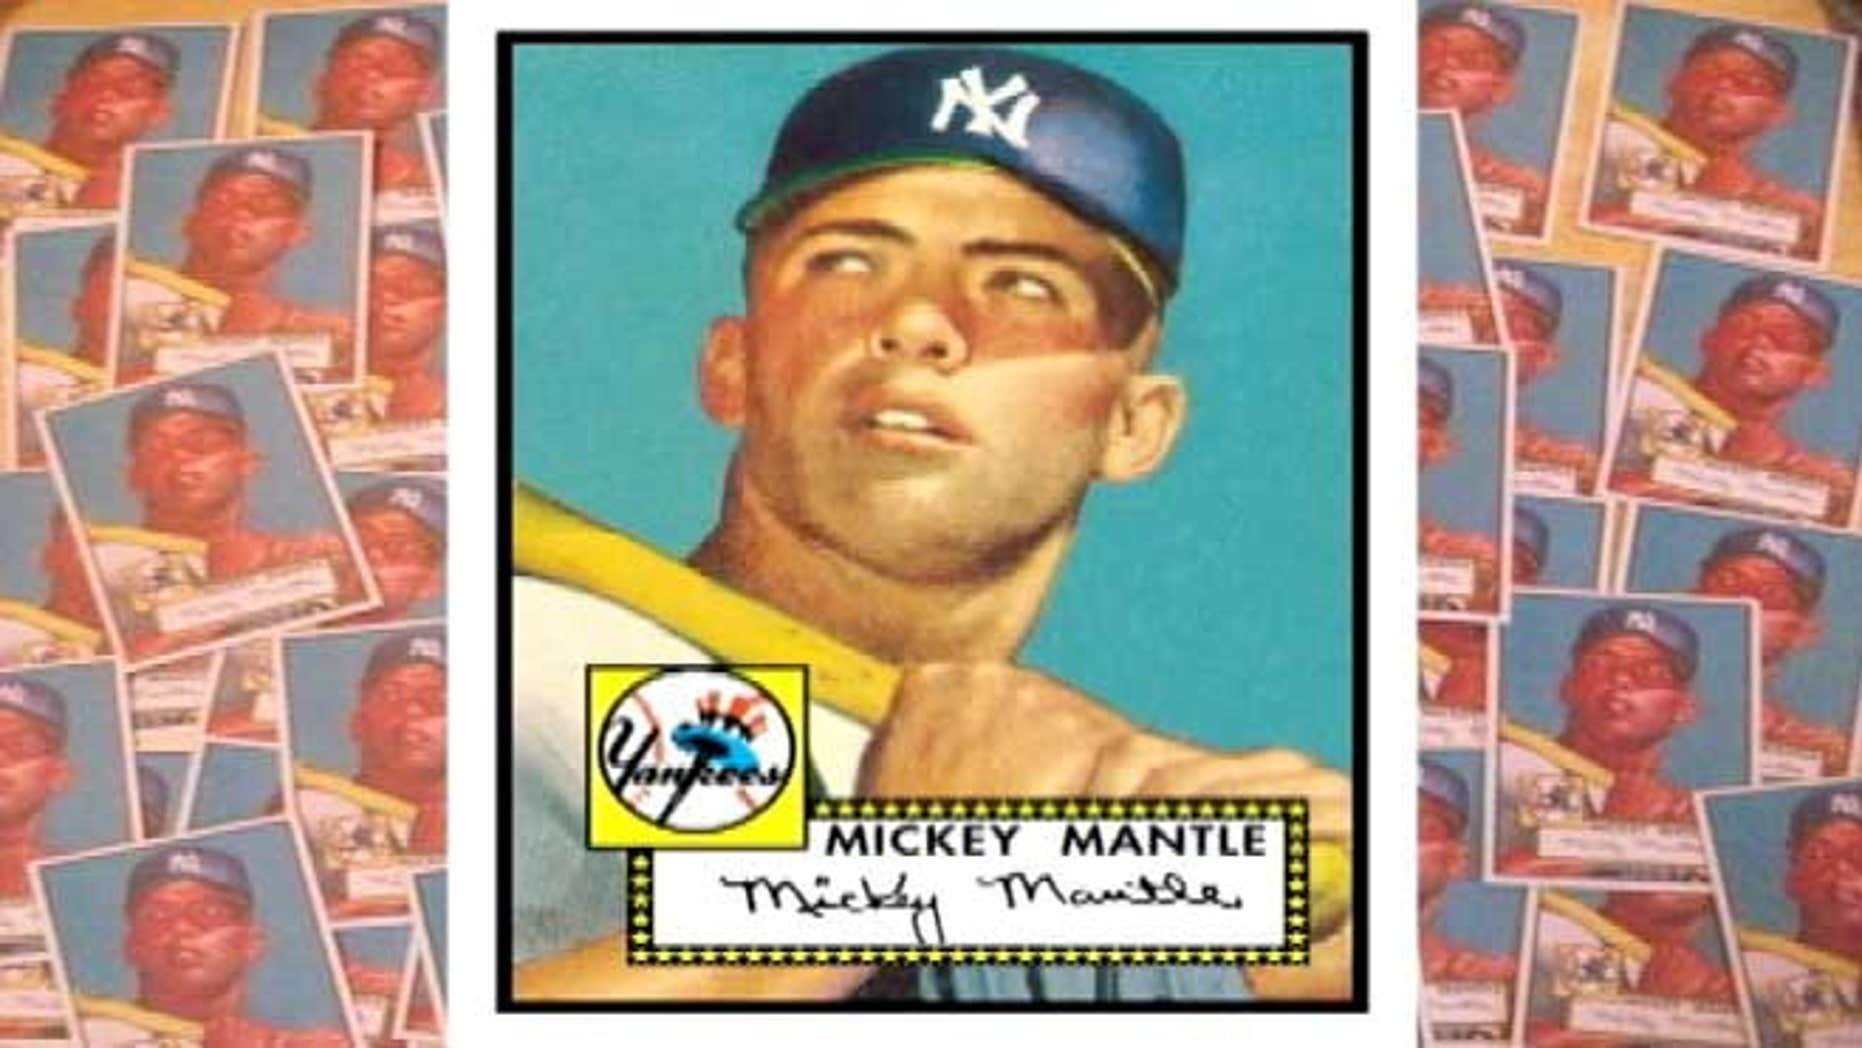 1952 Mickey Mantle baseball card valued at $4,000